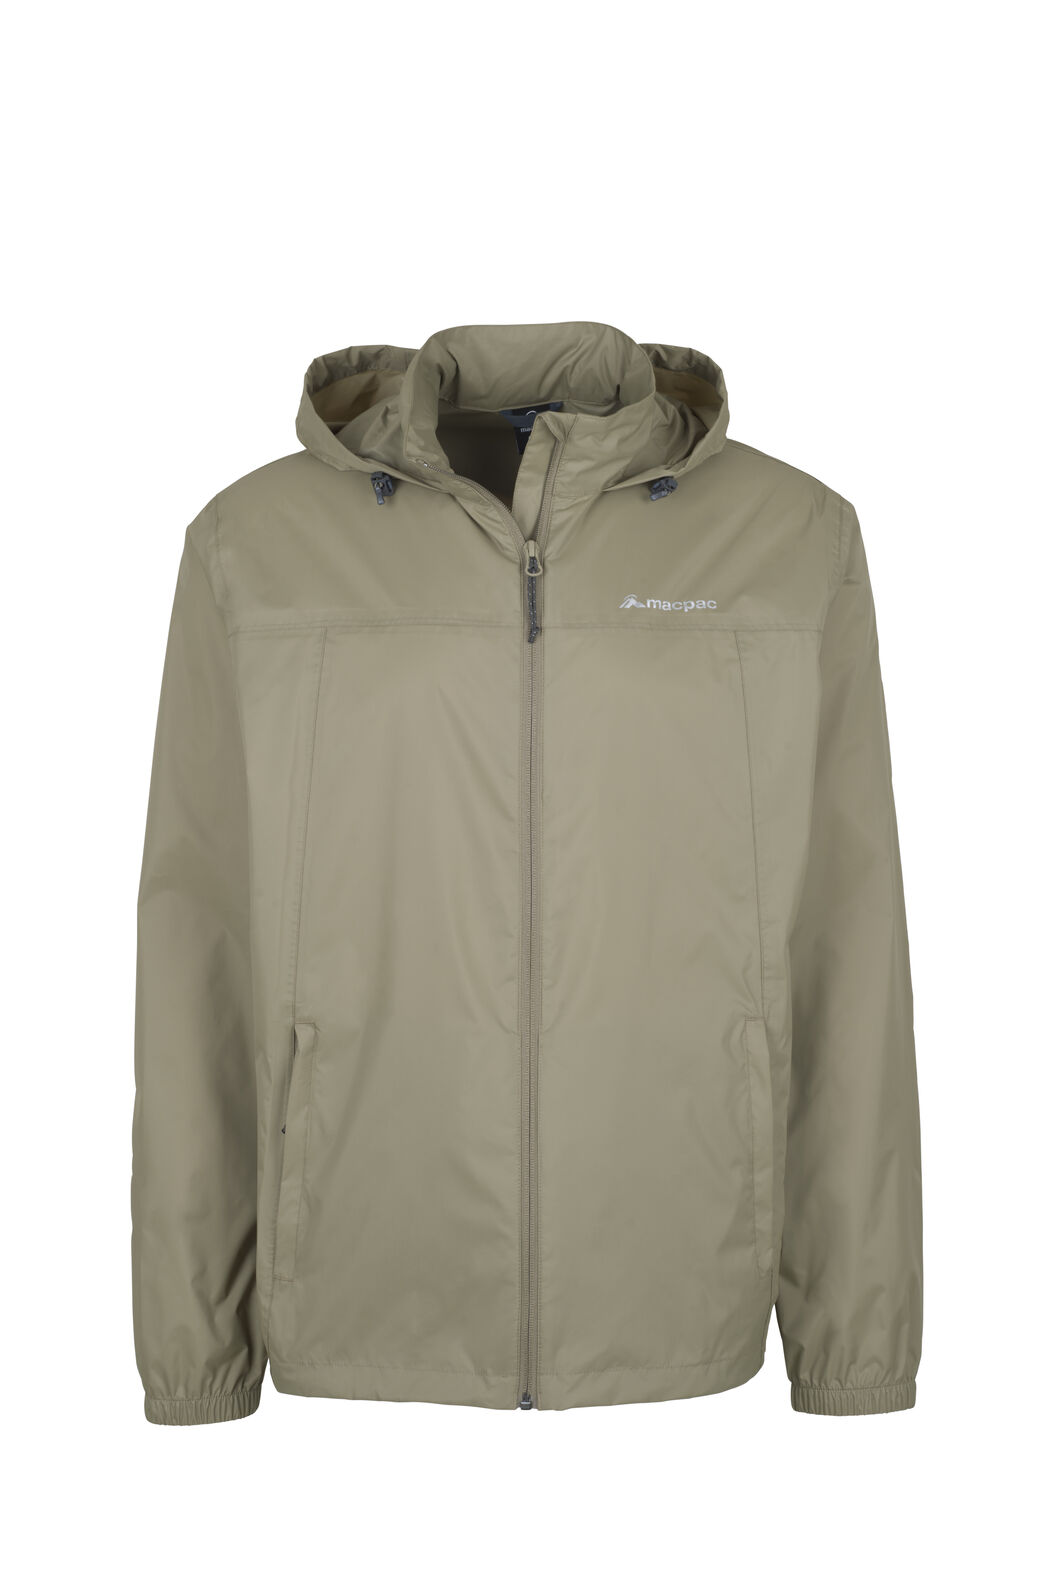 7510d13a6951 Macpac Pack-It-Jacket - Unisex